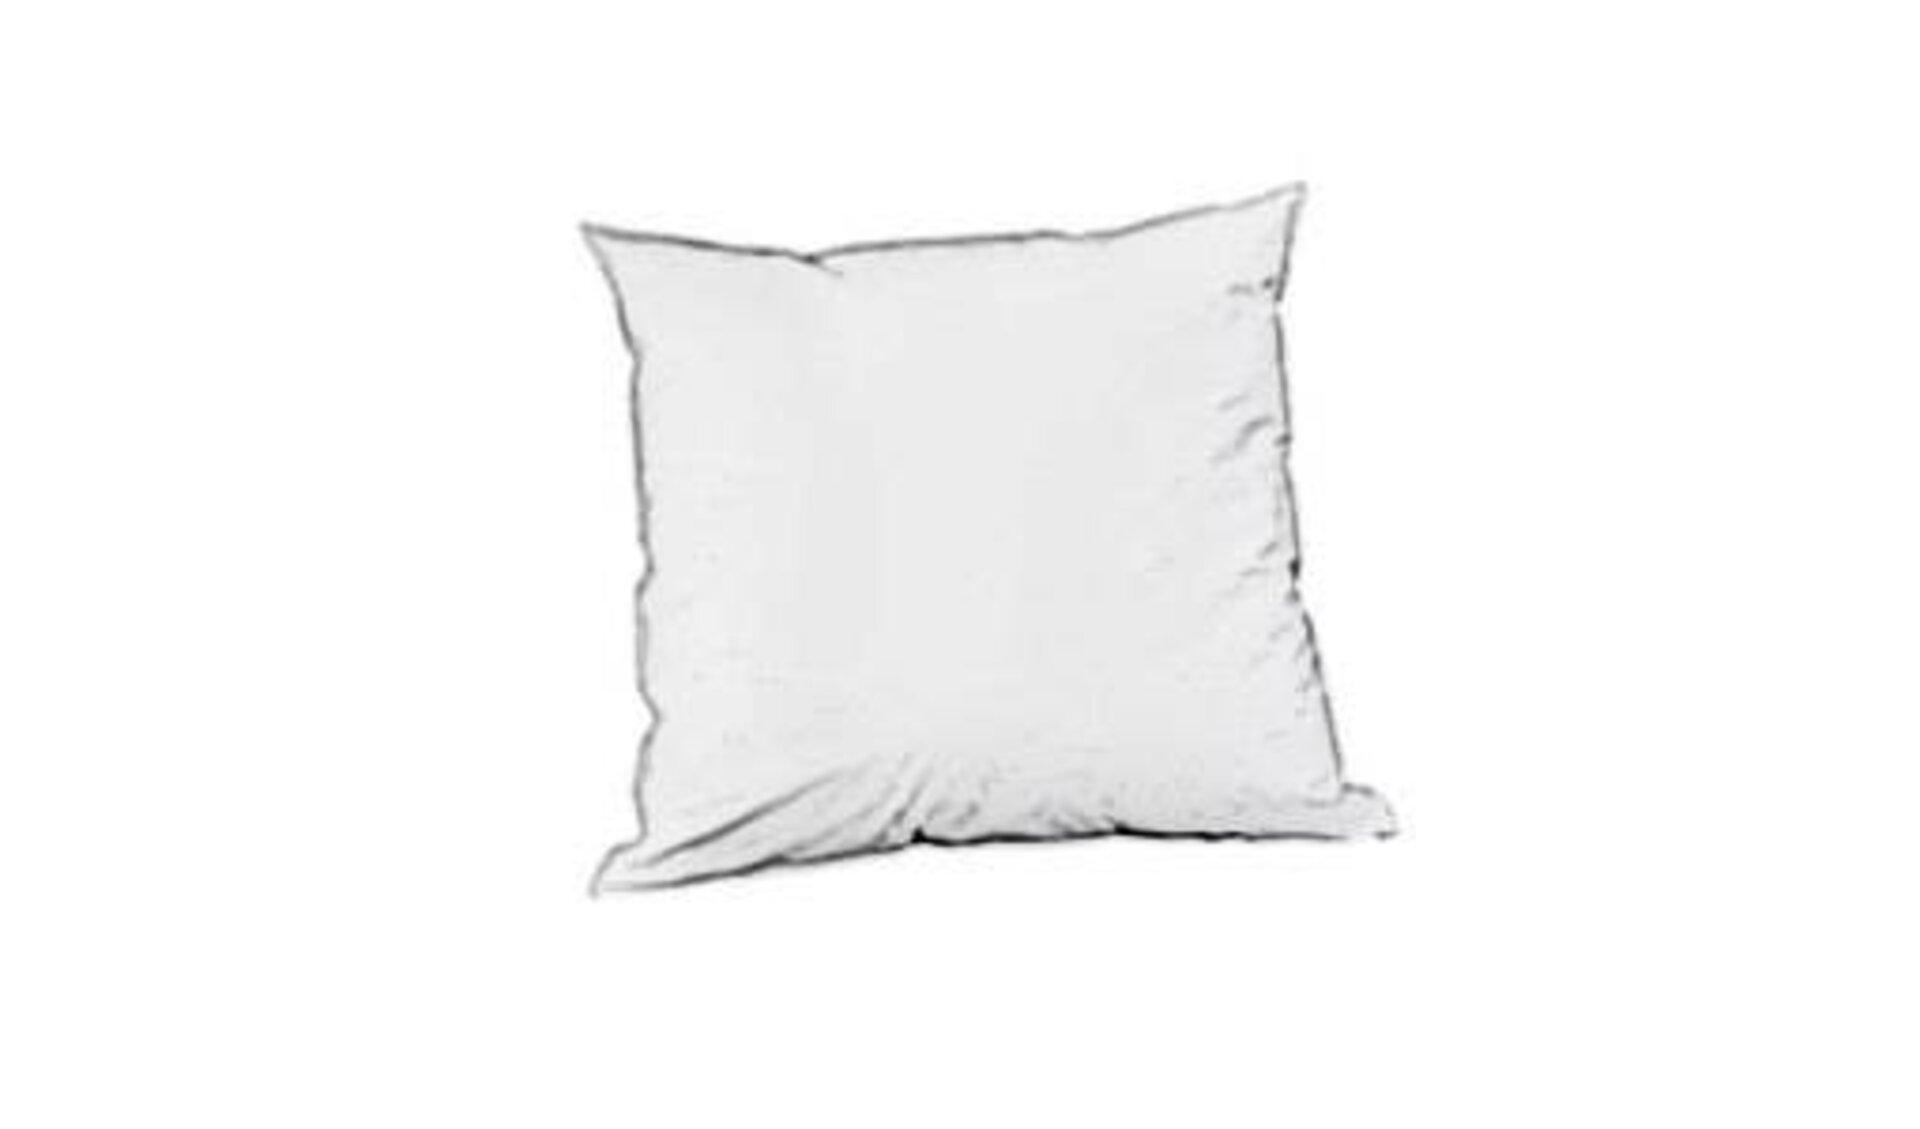 Icon für Kissenfüllung ist ein einfaches, quadratisches Kissen in weißer Farbe.